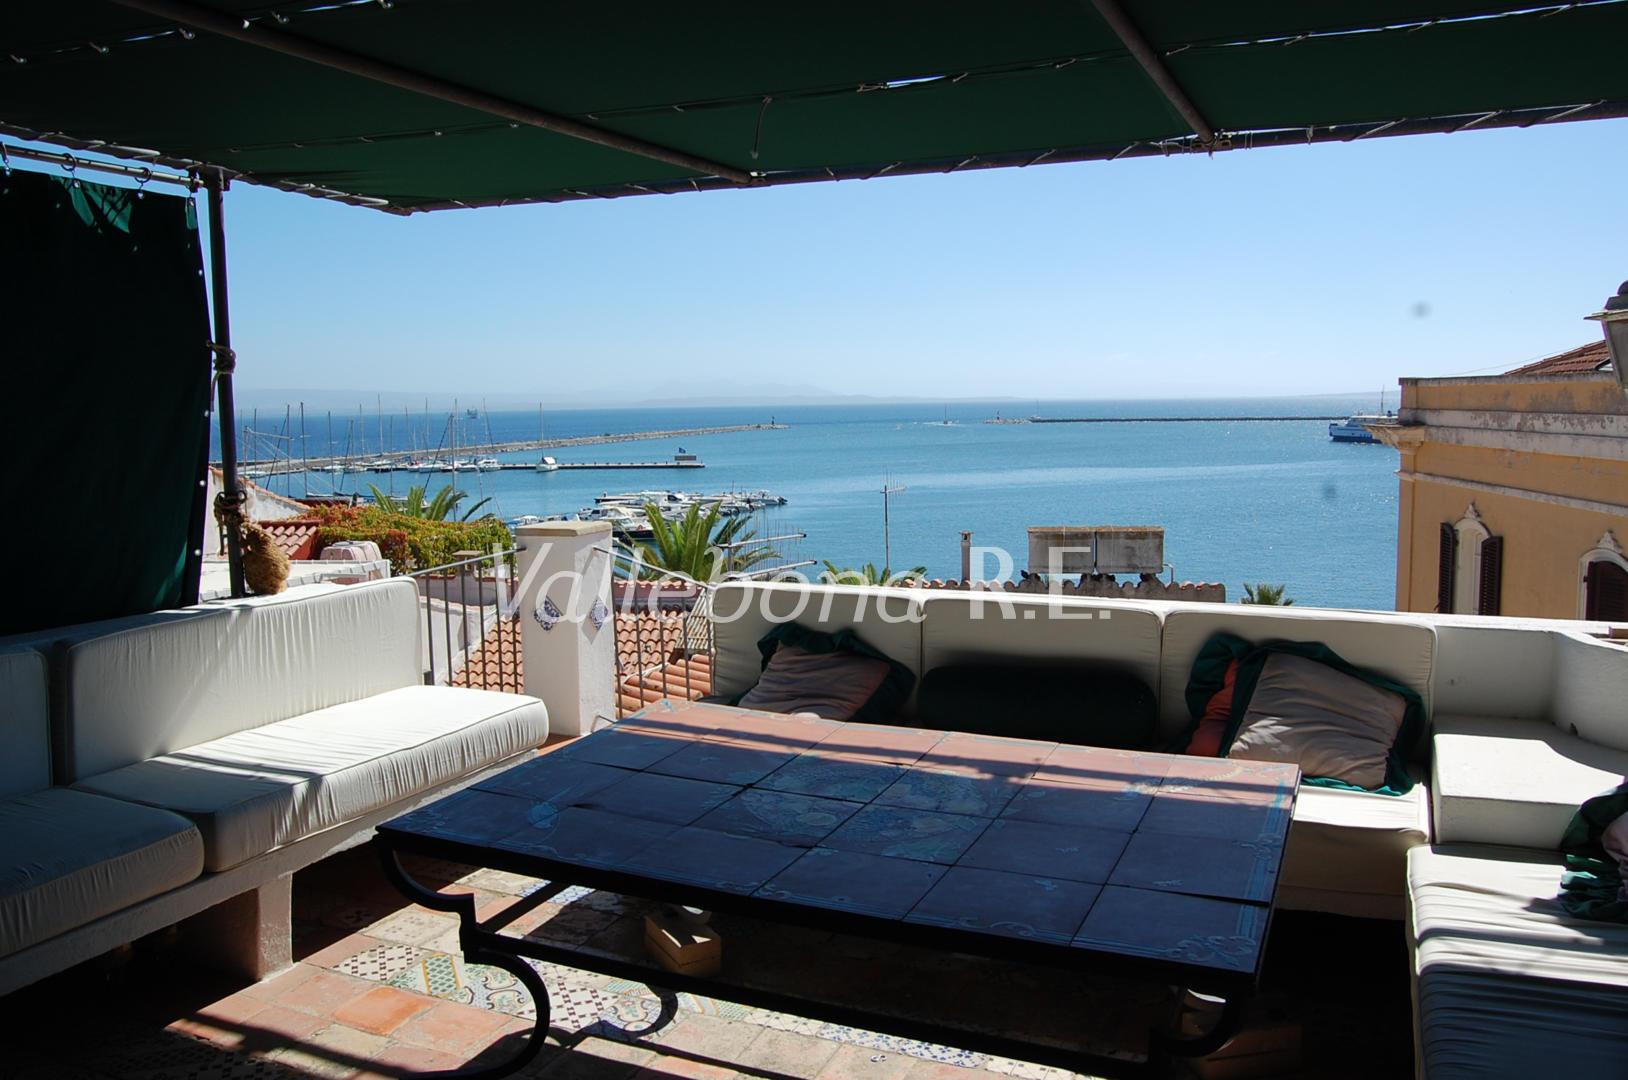 Appartamento in vendita a Carloforte, 7 locali, zona Località: CarlofortePaese/Citycentre, prezzo € 395.000 | CambioCasa.it